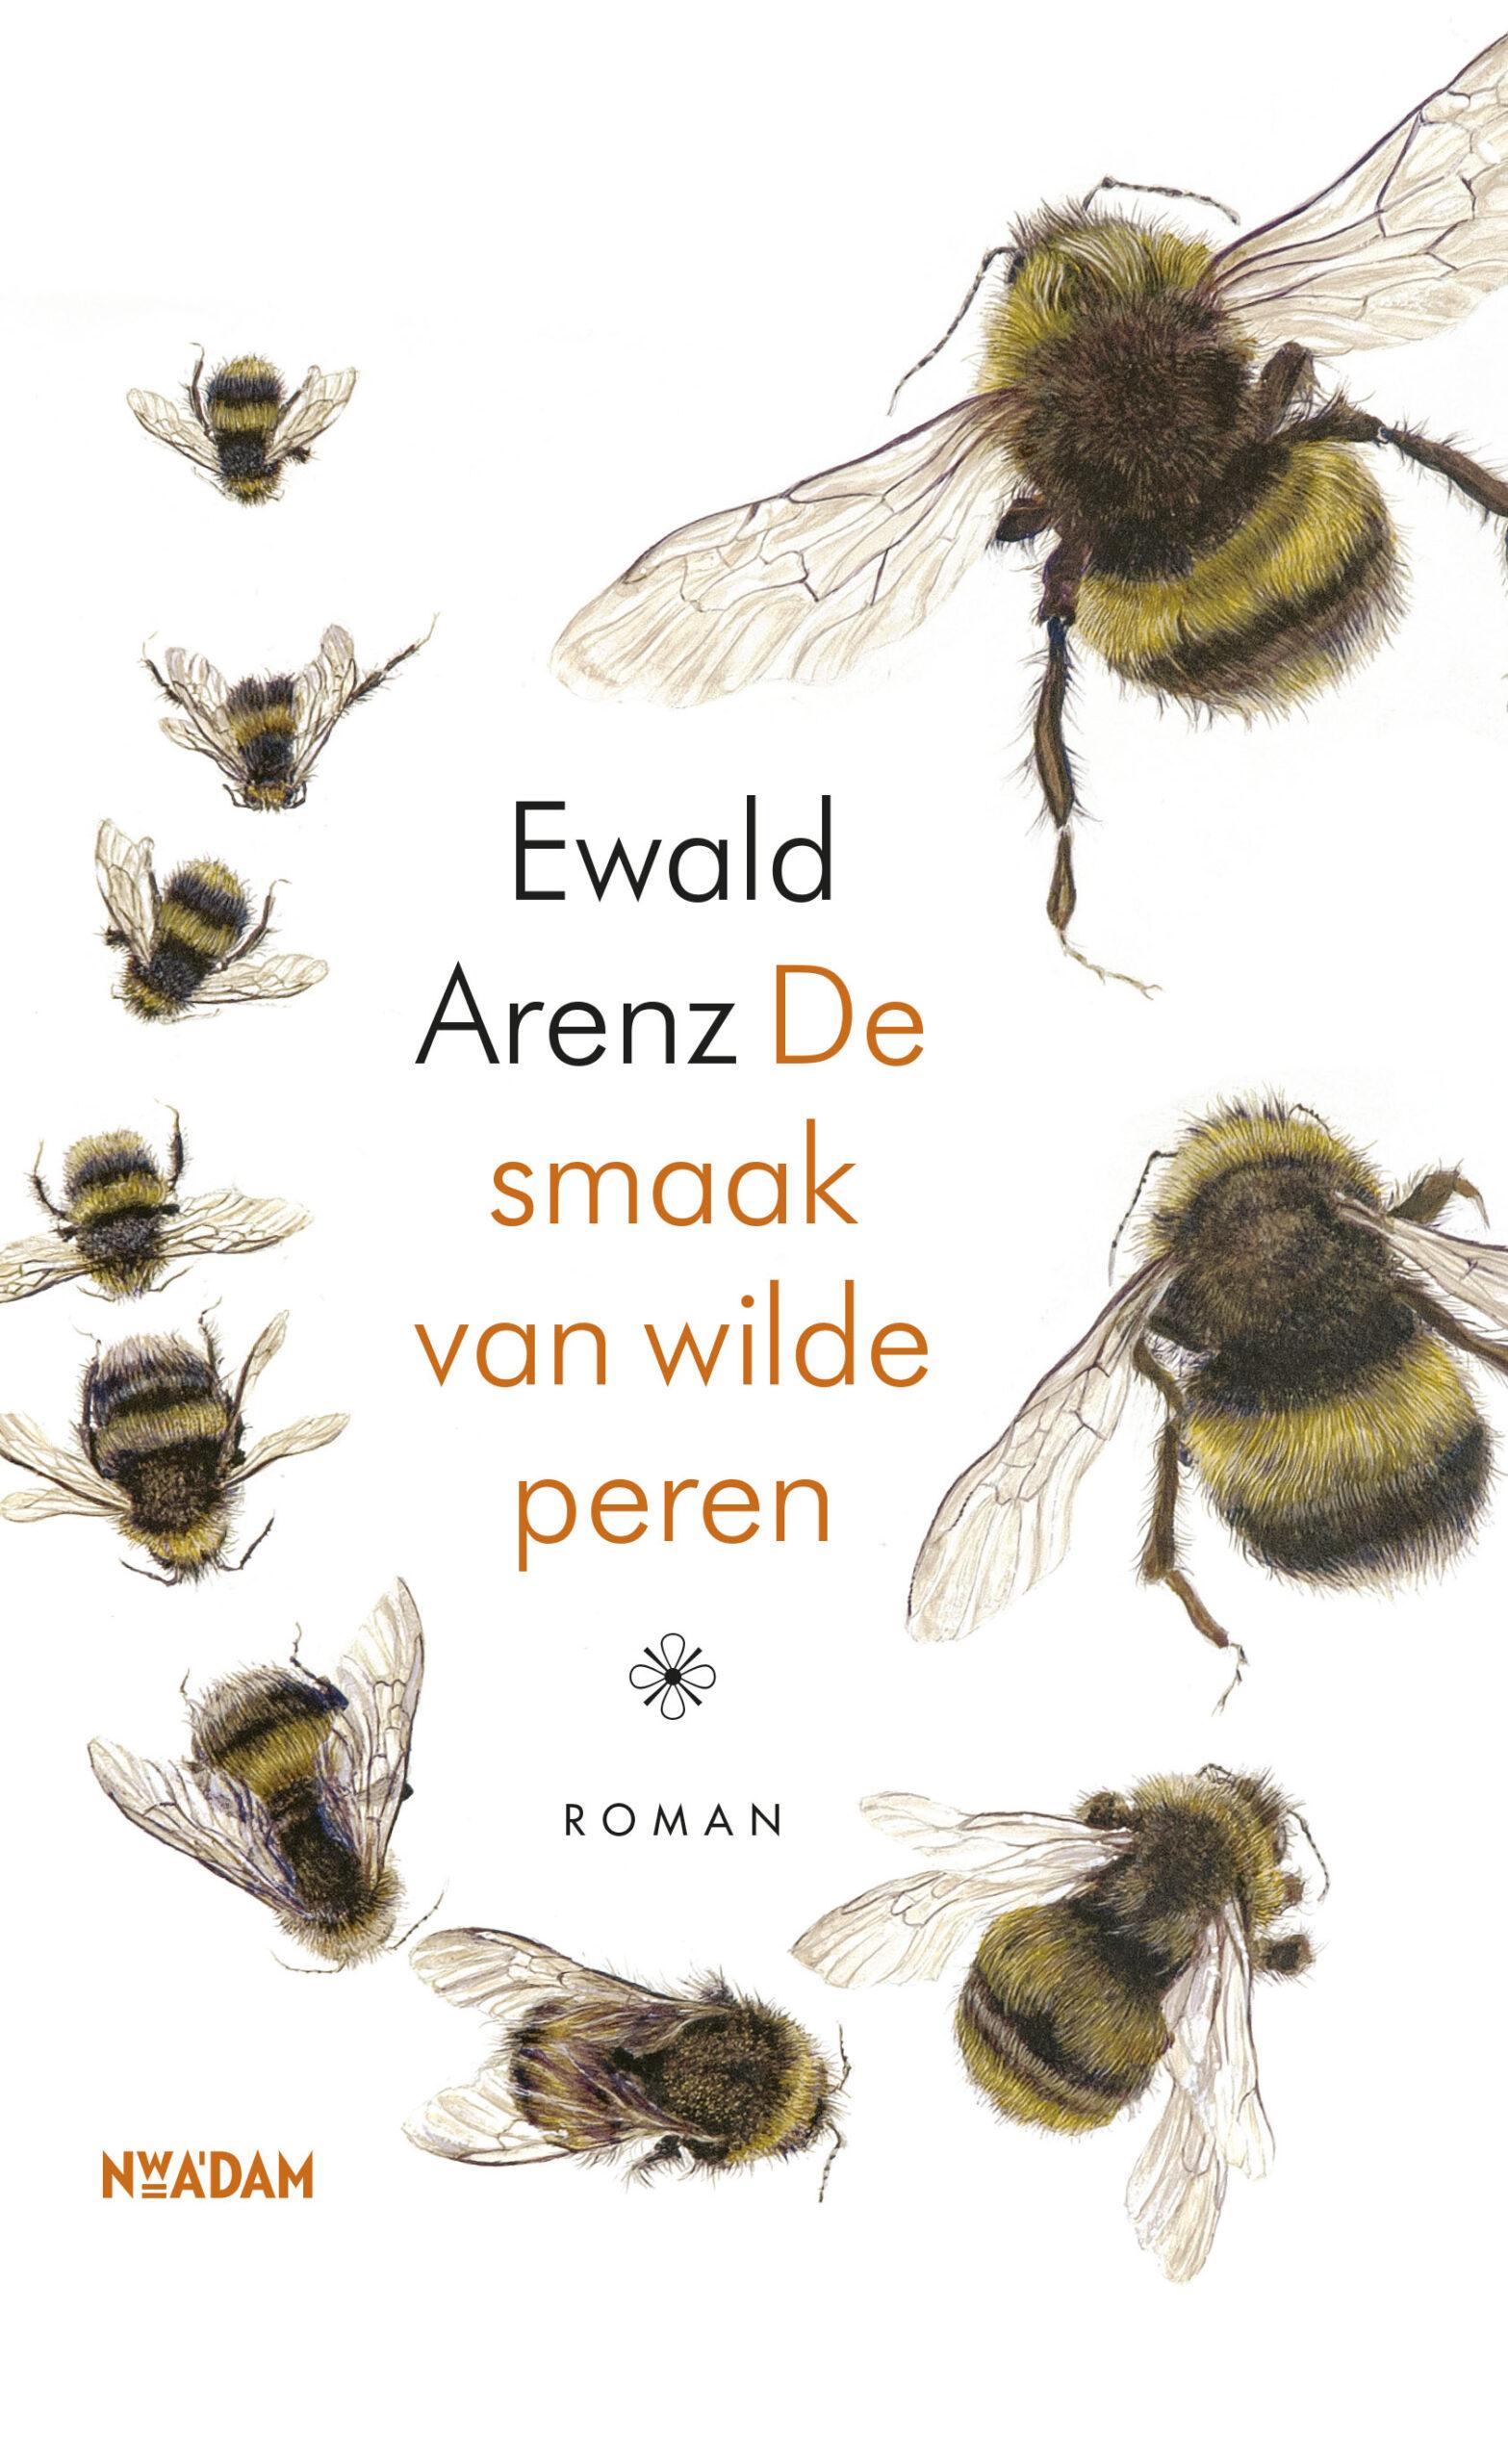 De smaak van wilde peren - boekenflits.nl